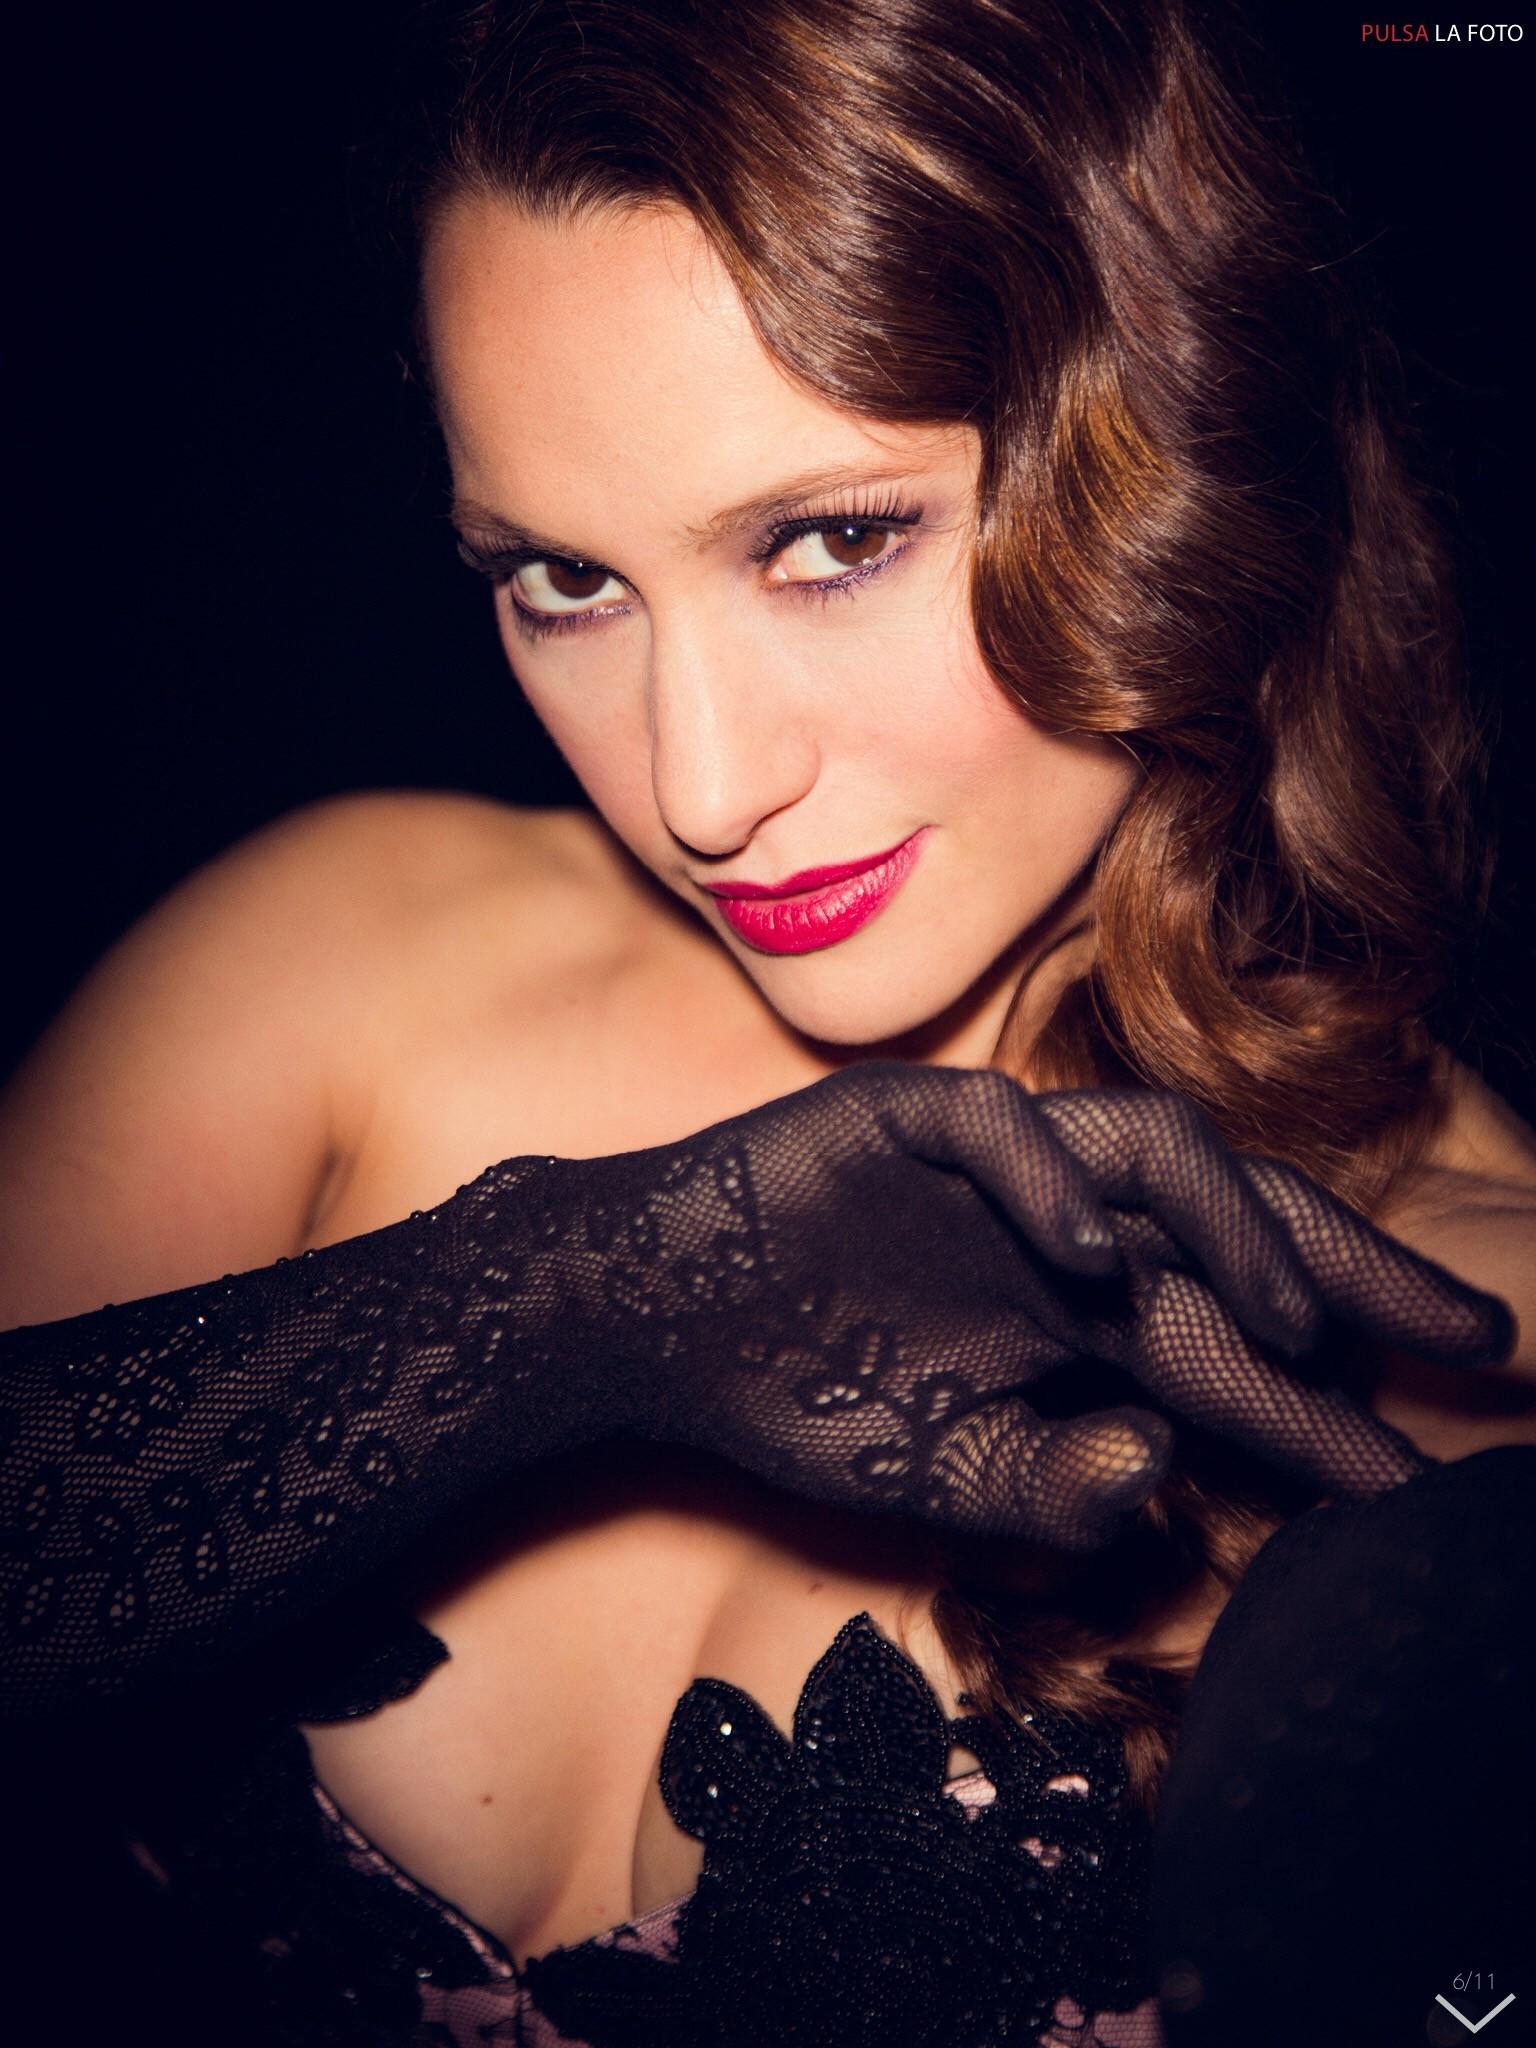 Natalia Verbeke Desnuda fotos de natalia verbeke desnuda - página 20 - fotos de